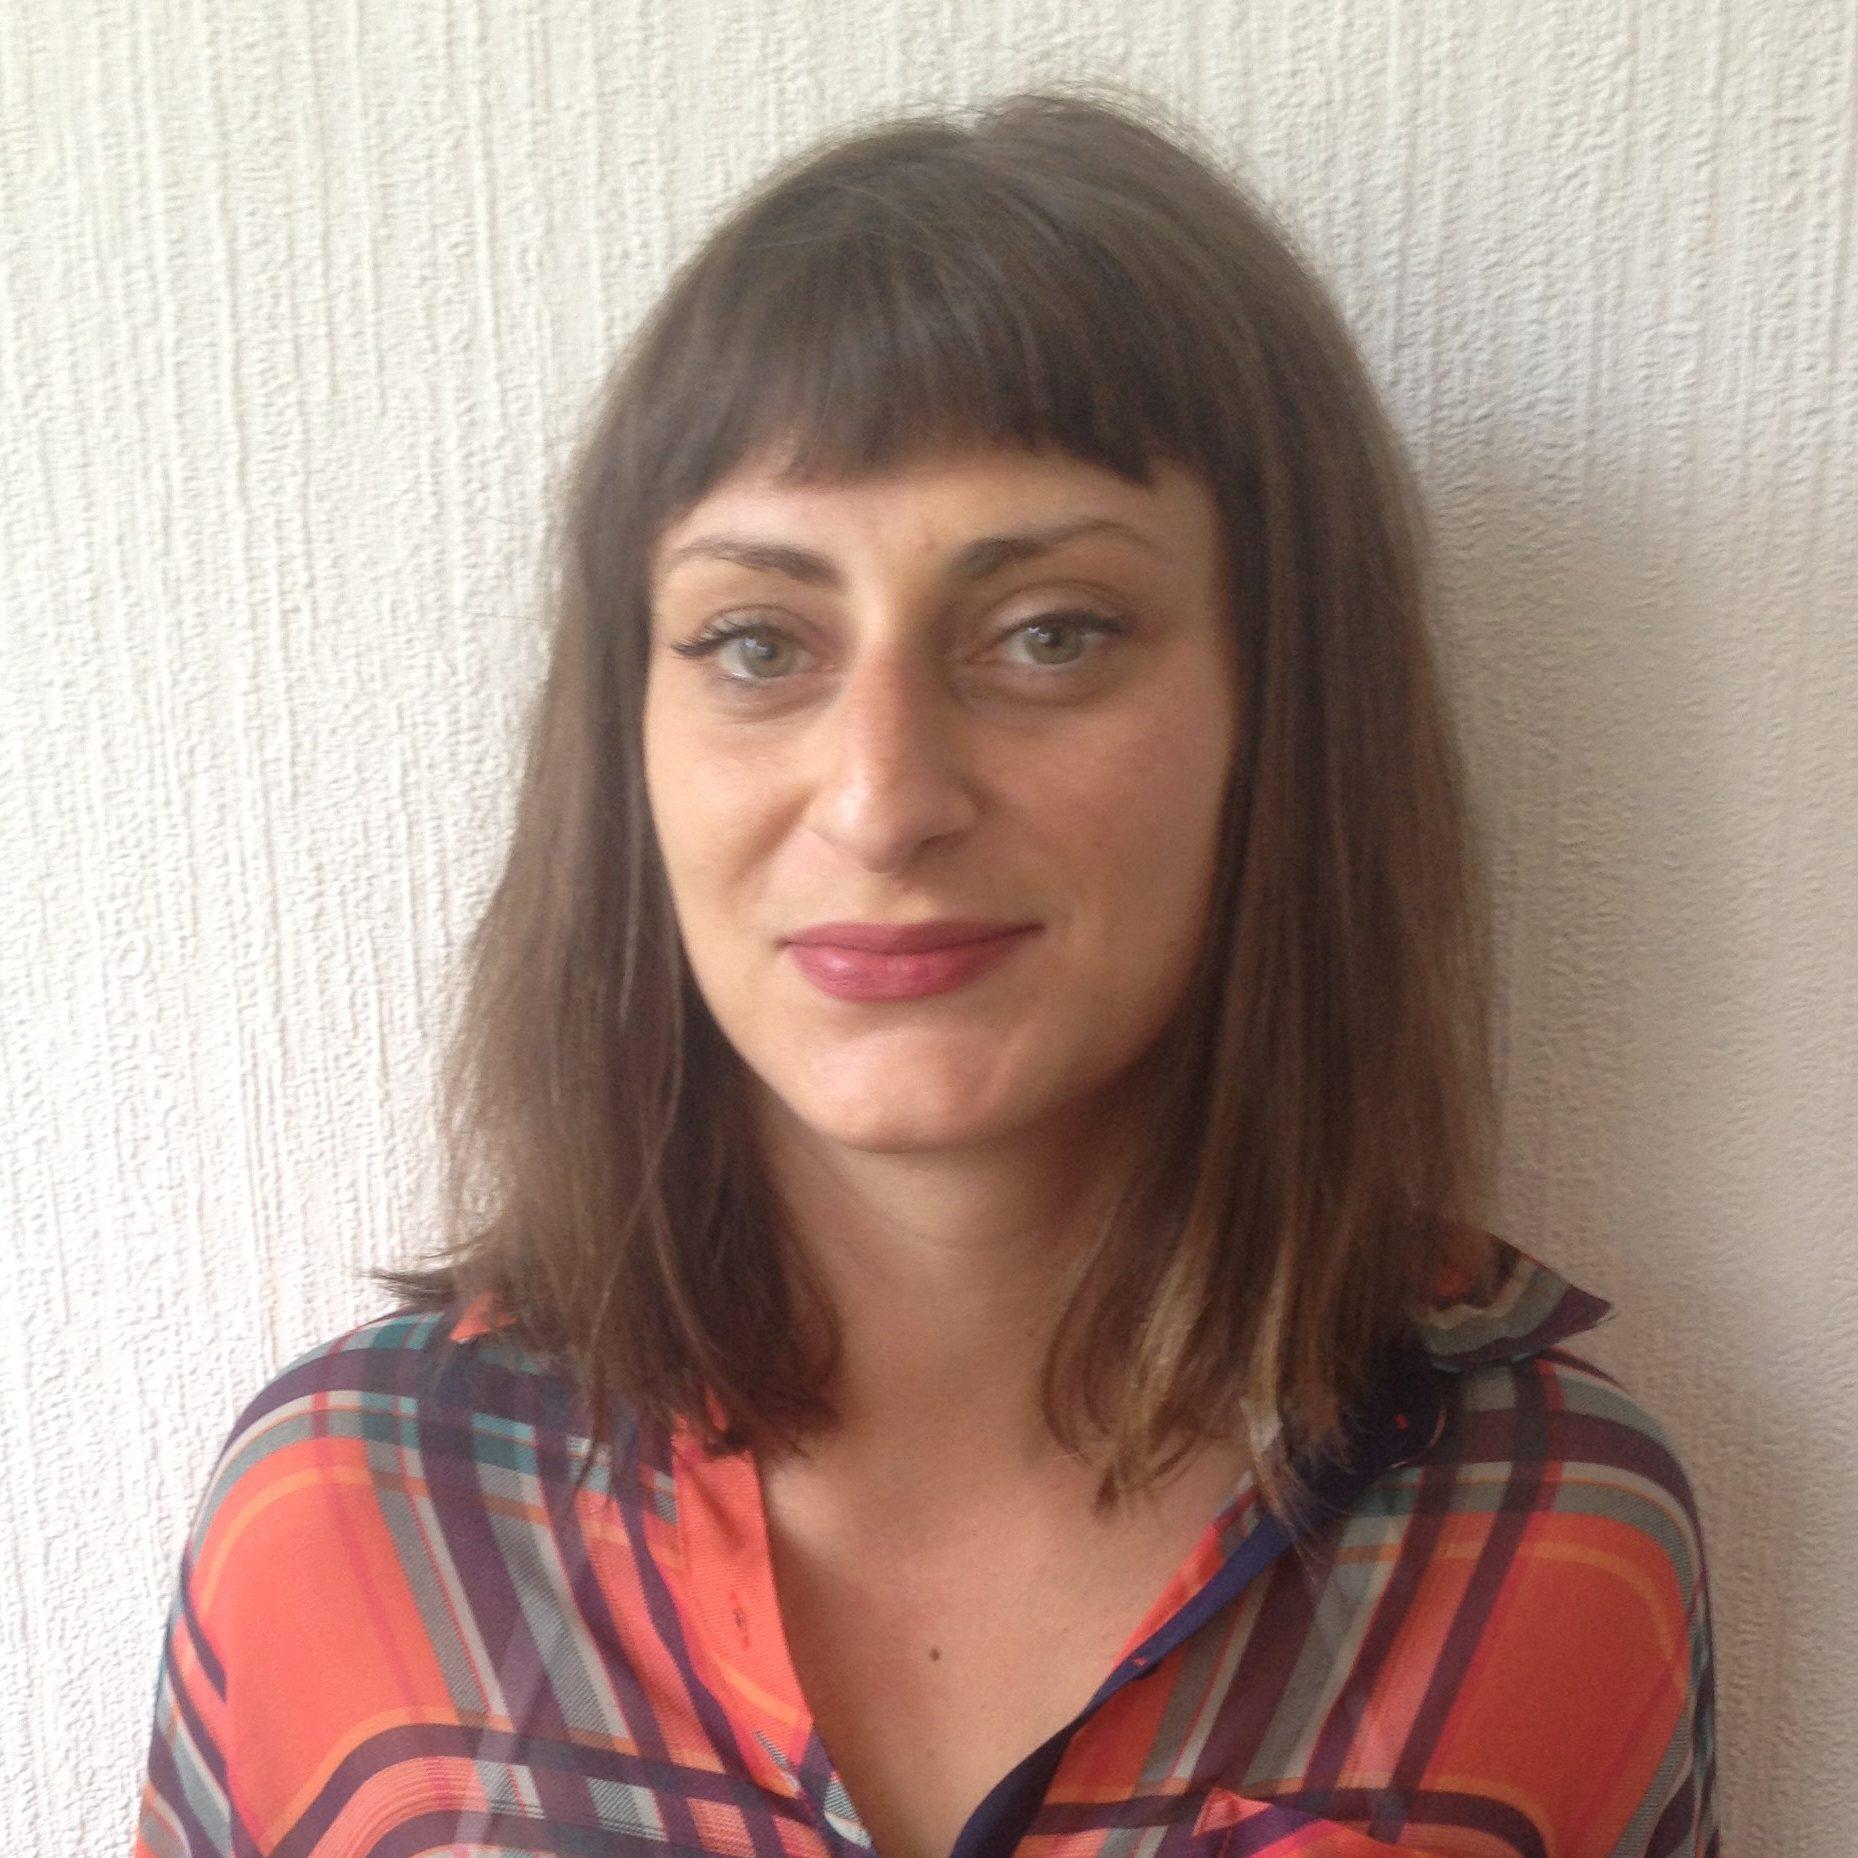 Claire Lasolle